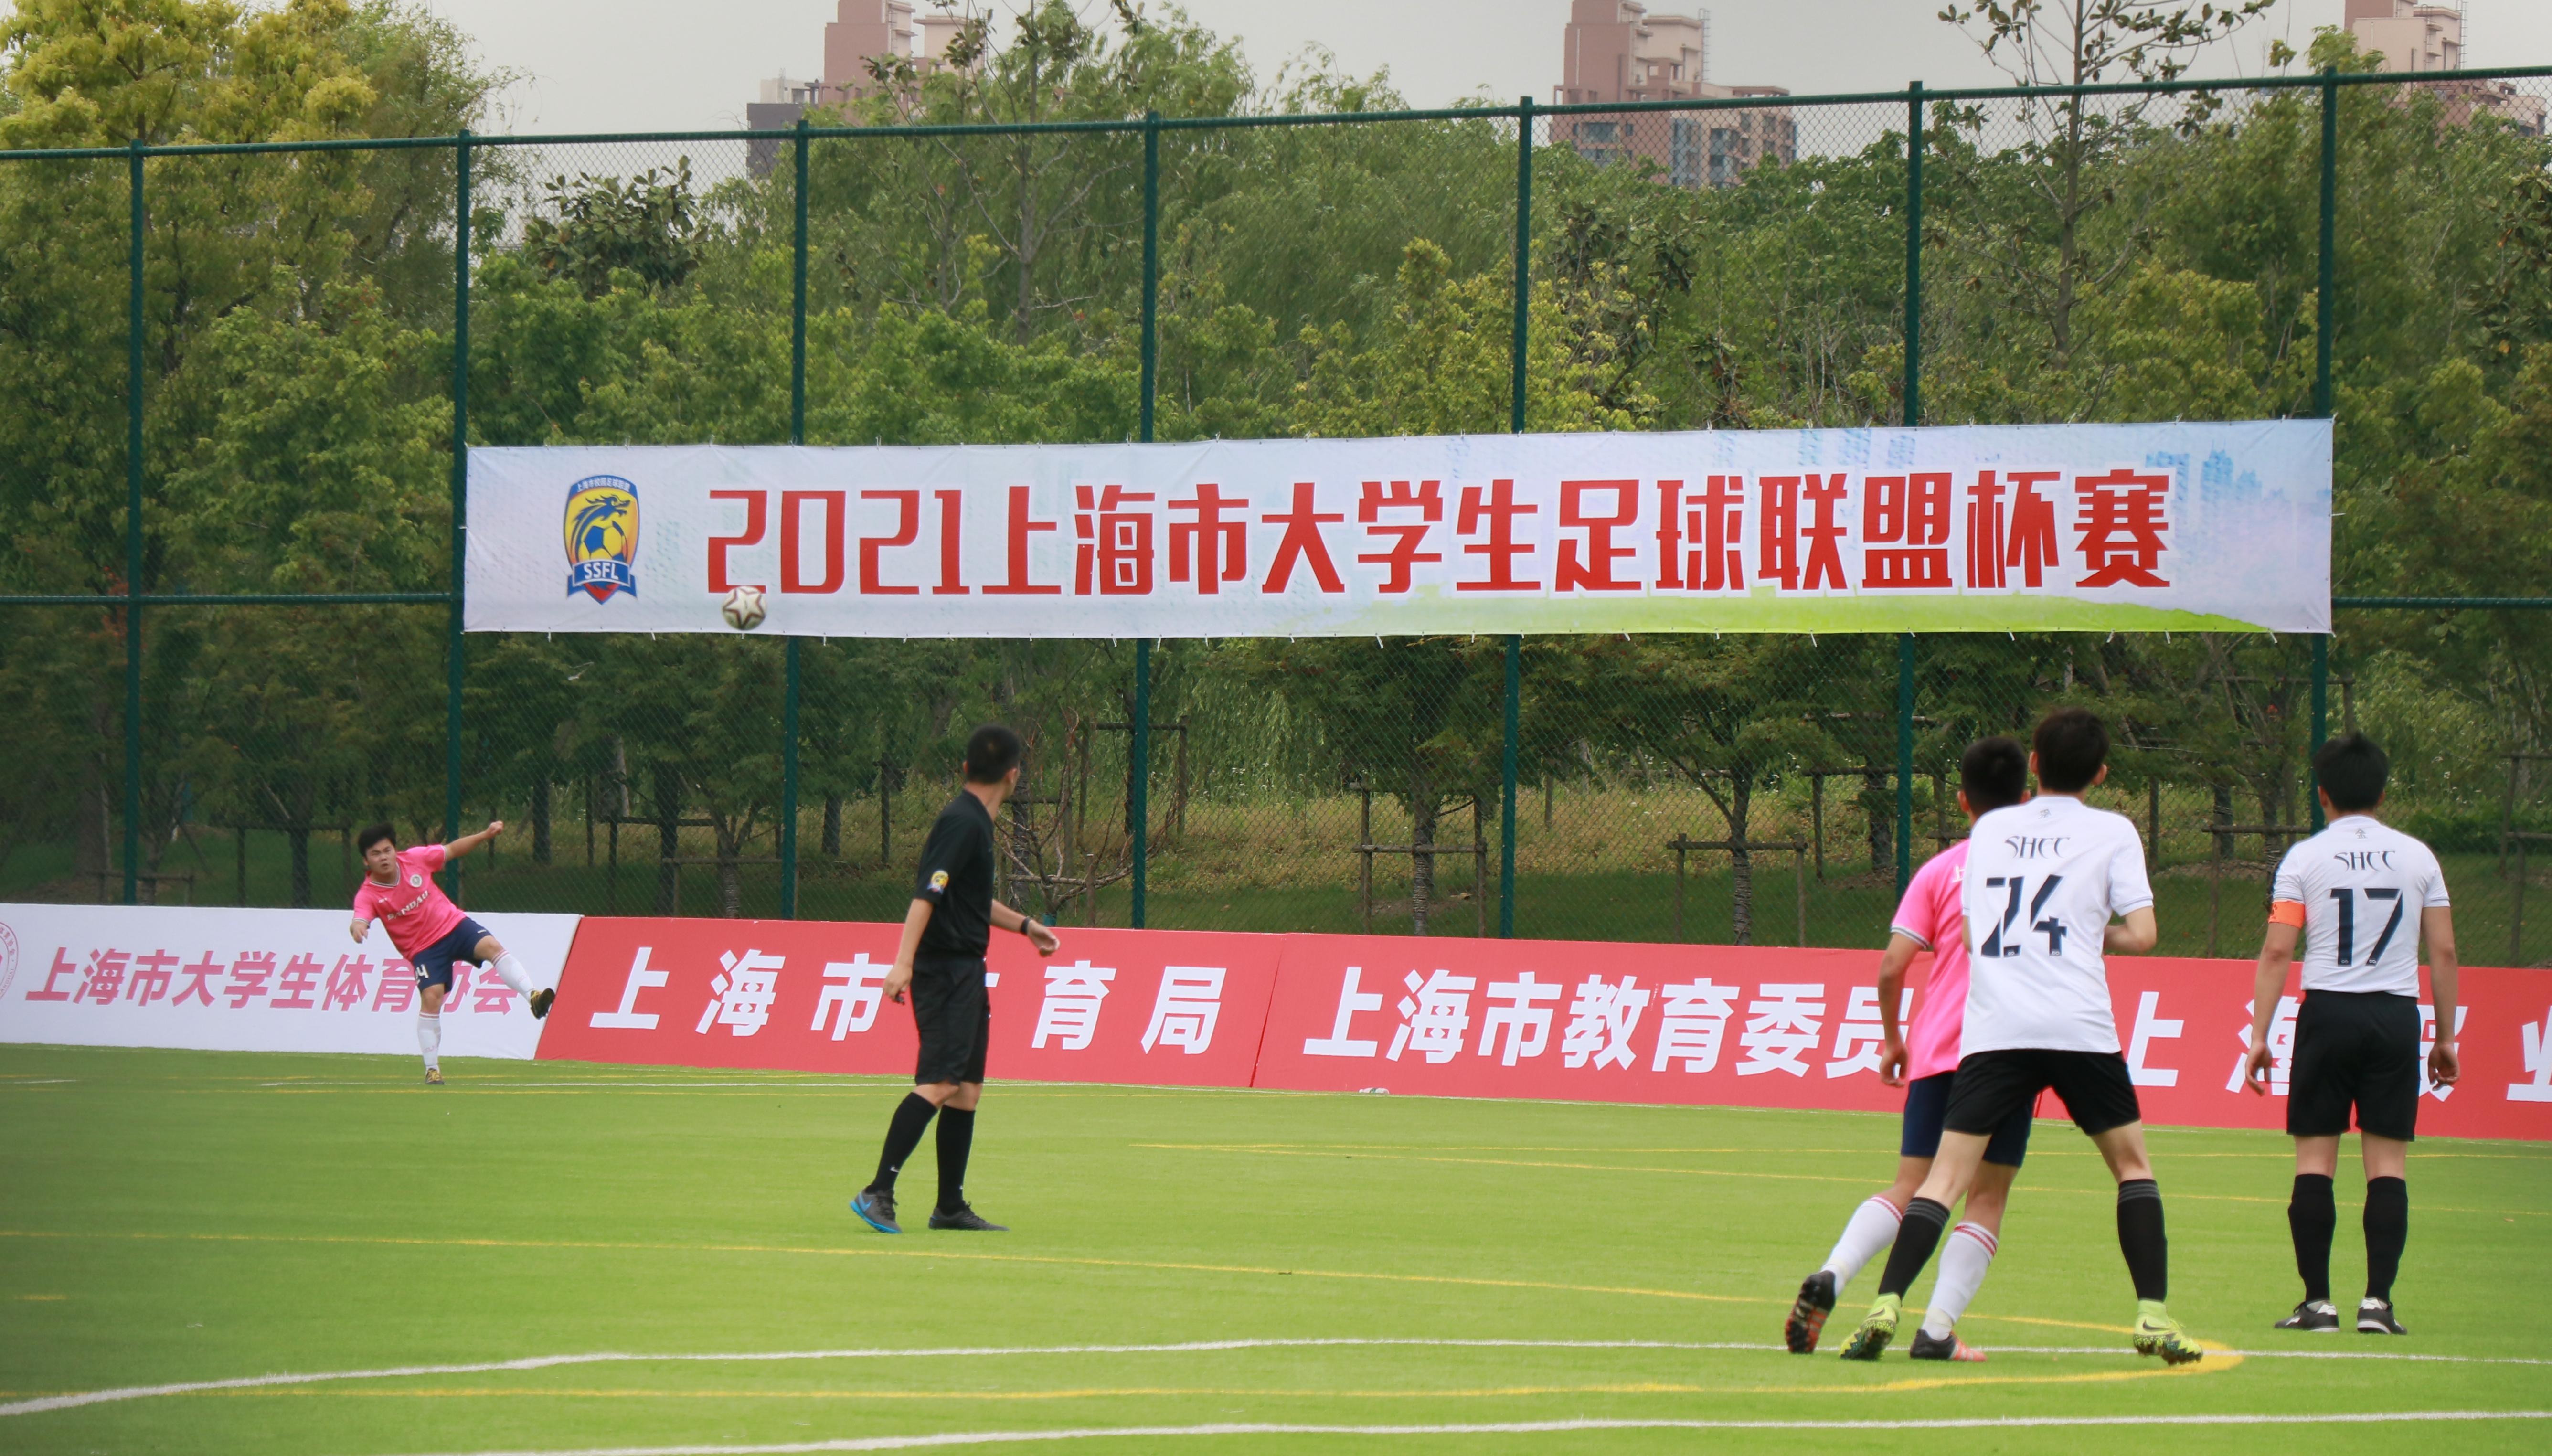 2021上海市大学生足球赛重燃战火 58队燃爆五月